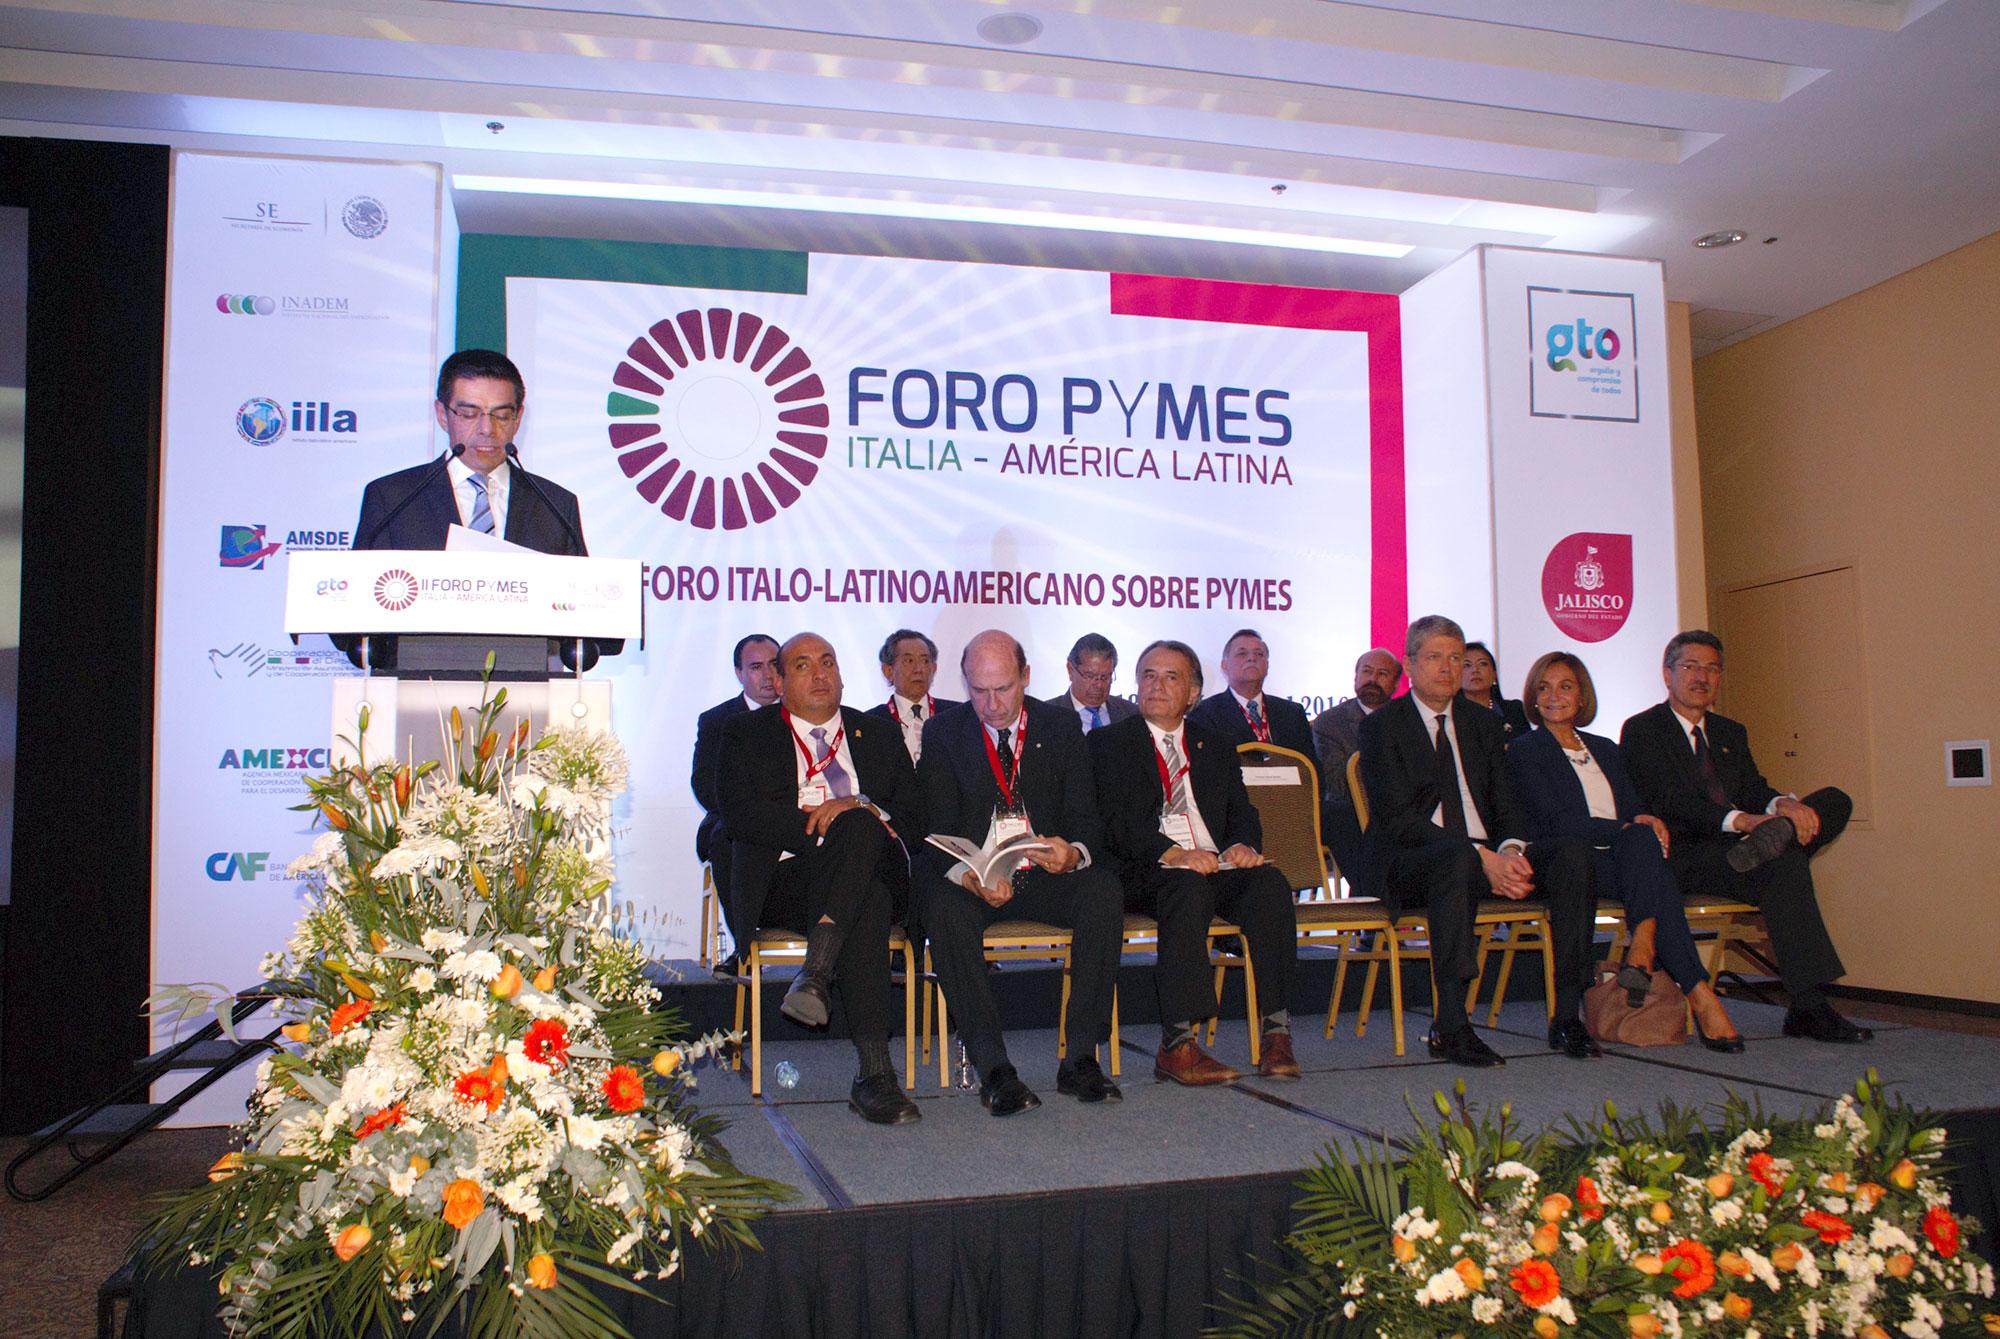 Inauguran el II Foro Ítalo-Latinoamericano sobre PYMES en León, Guanajuato